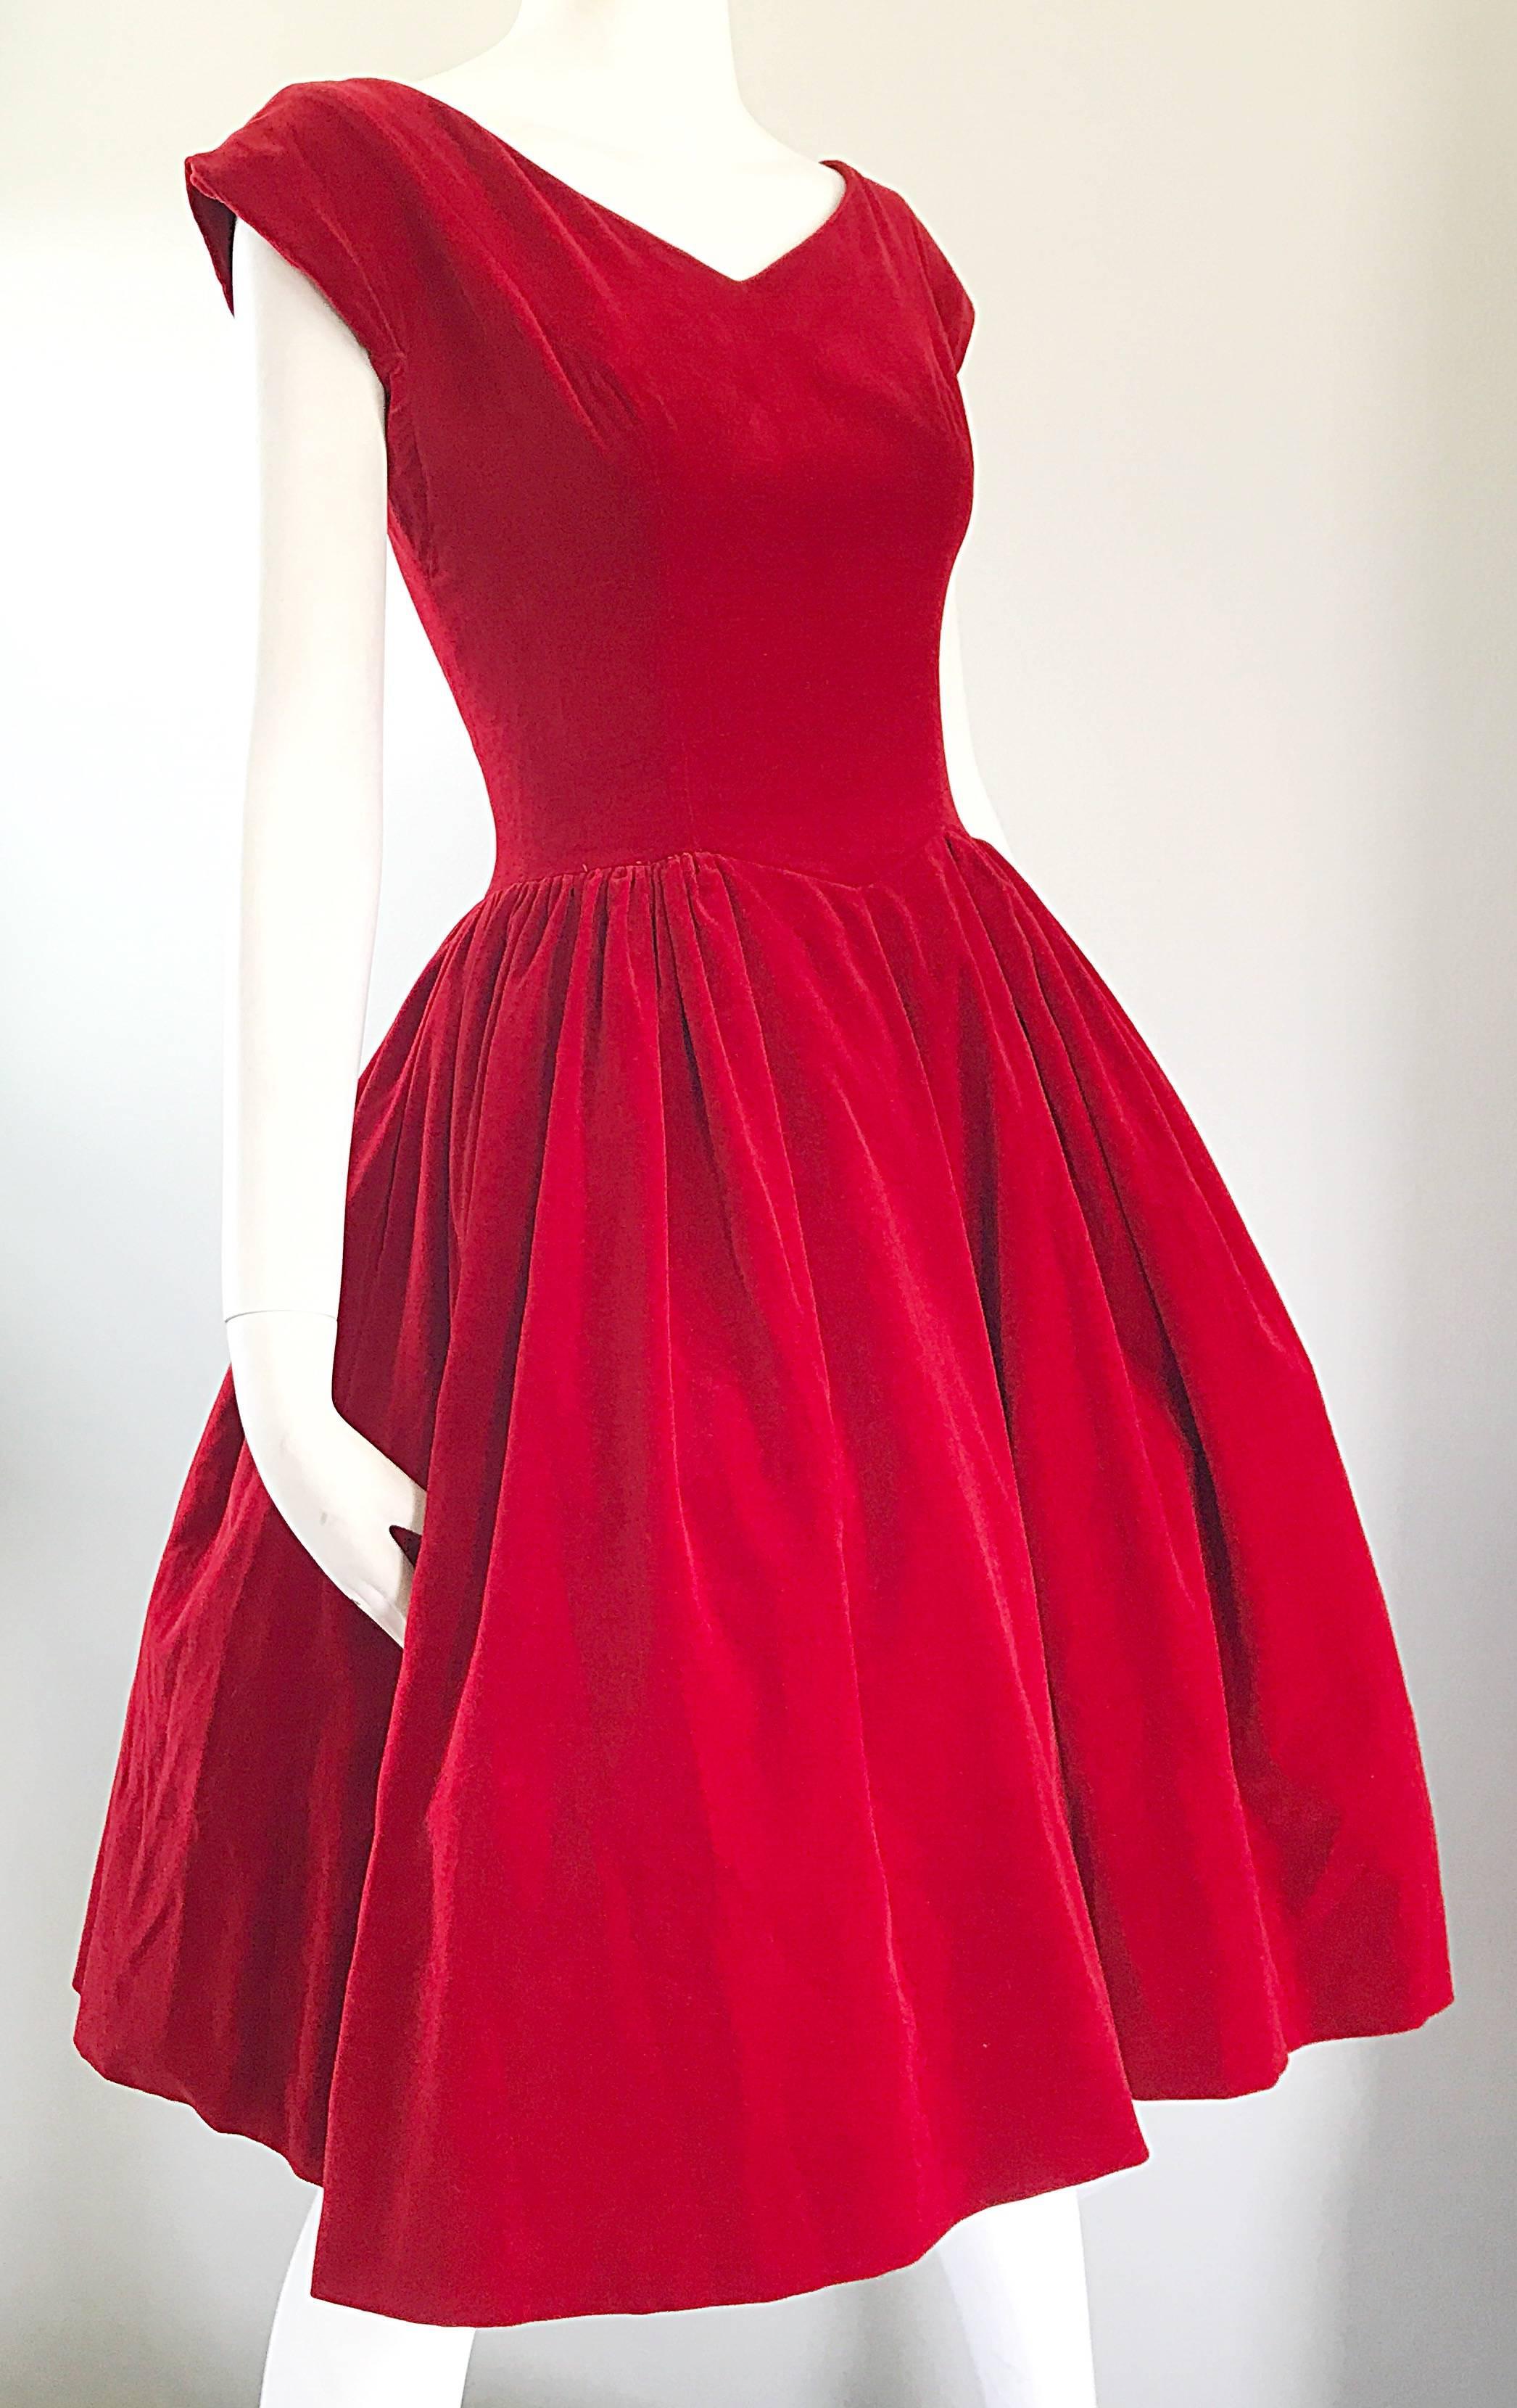 73ee701cdb8 1950s Lorrie Deb Vintage Stunning Red Velvet Fit  n Flare